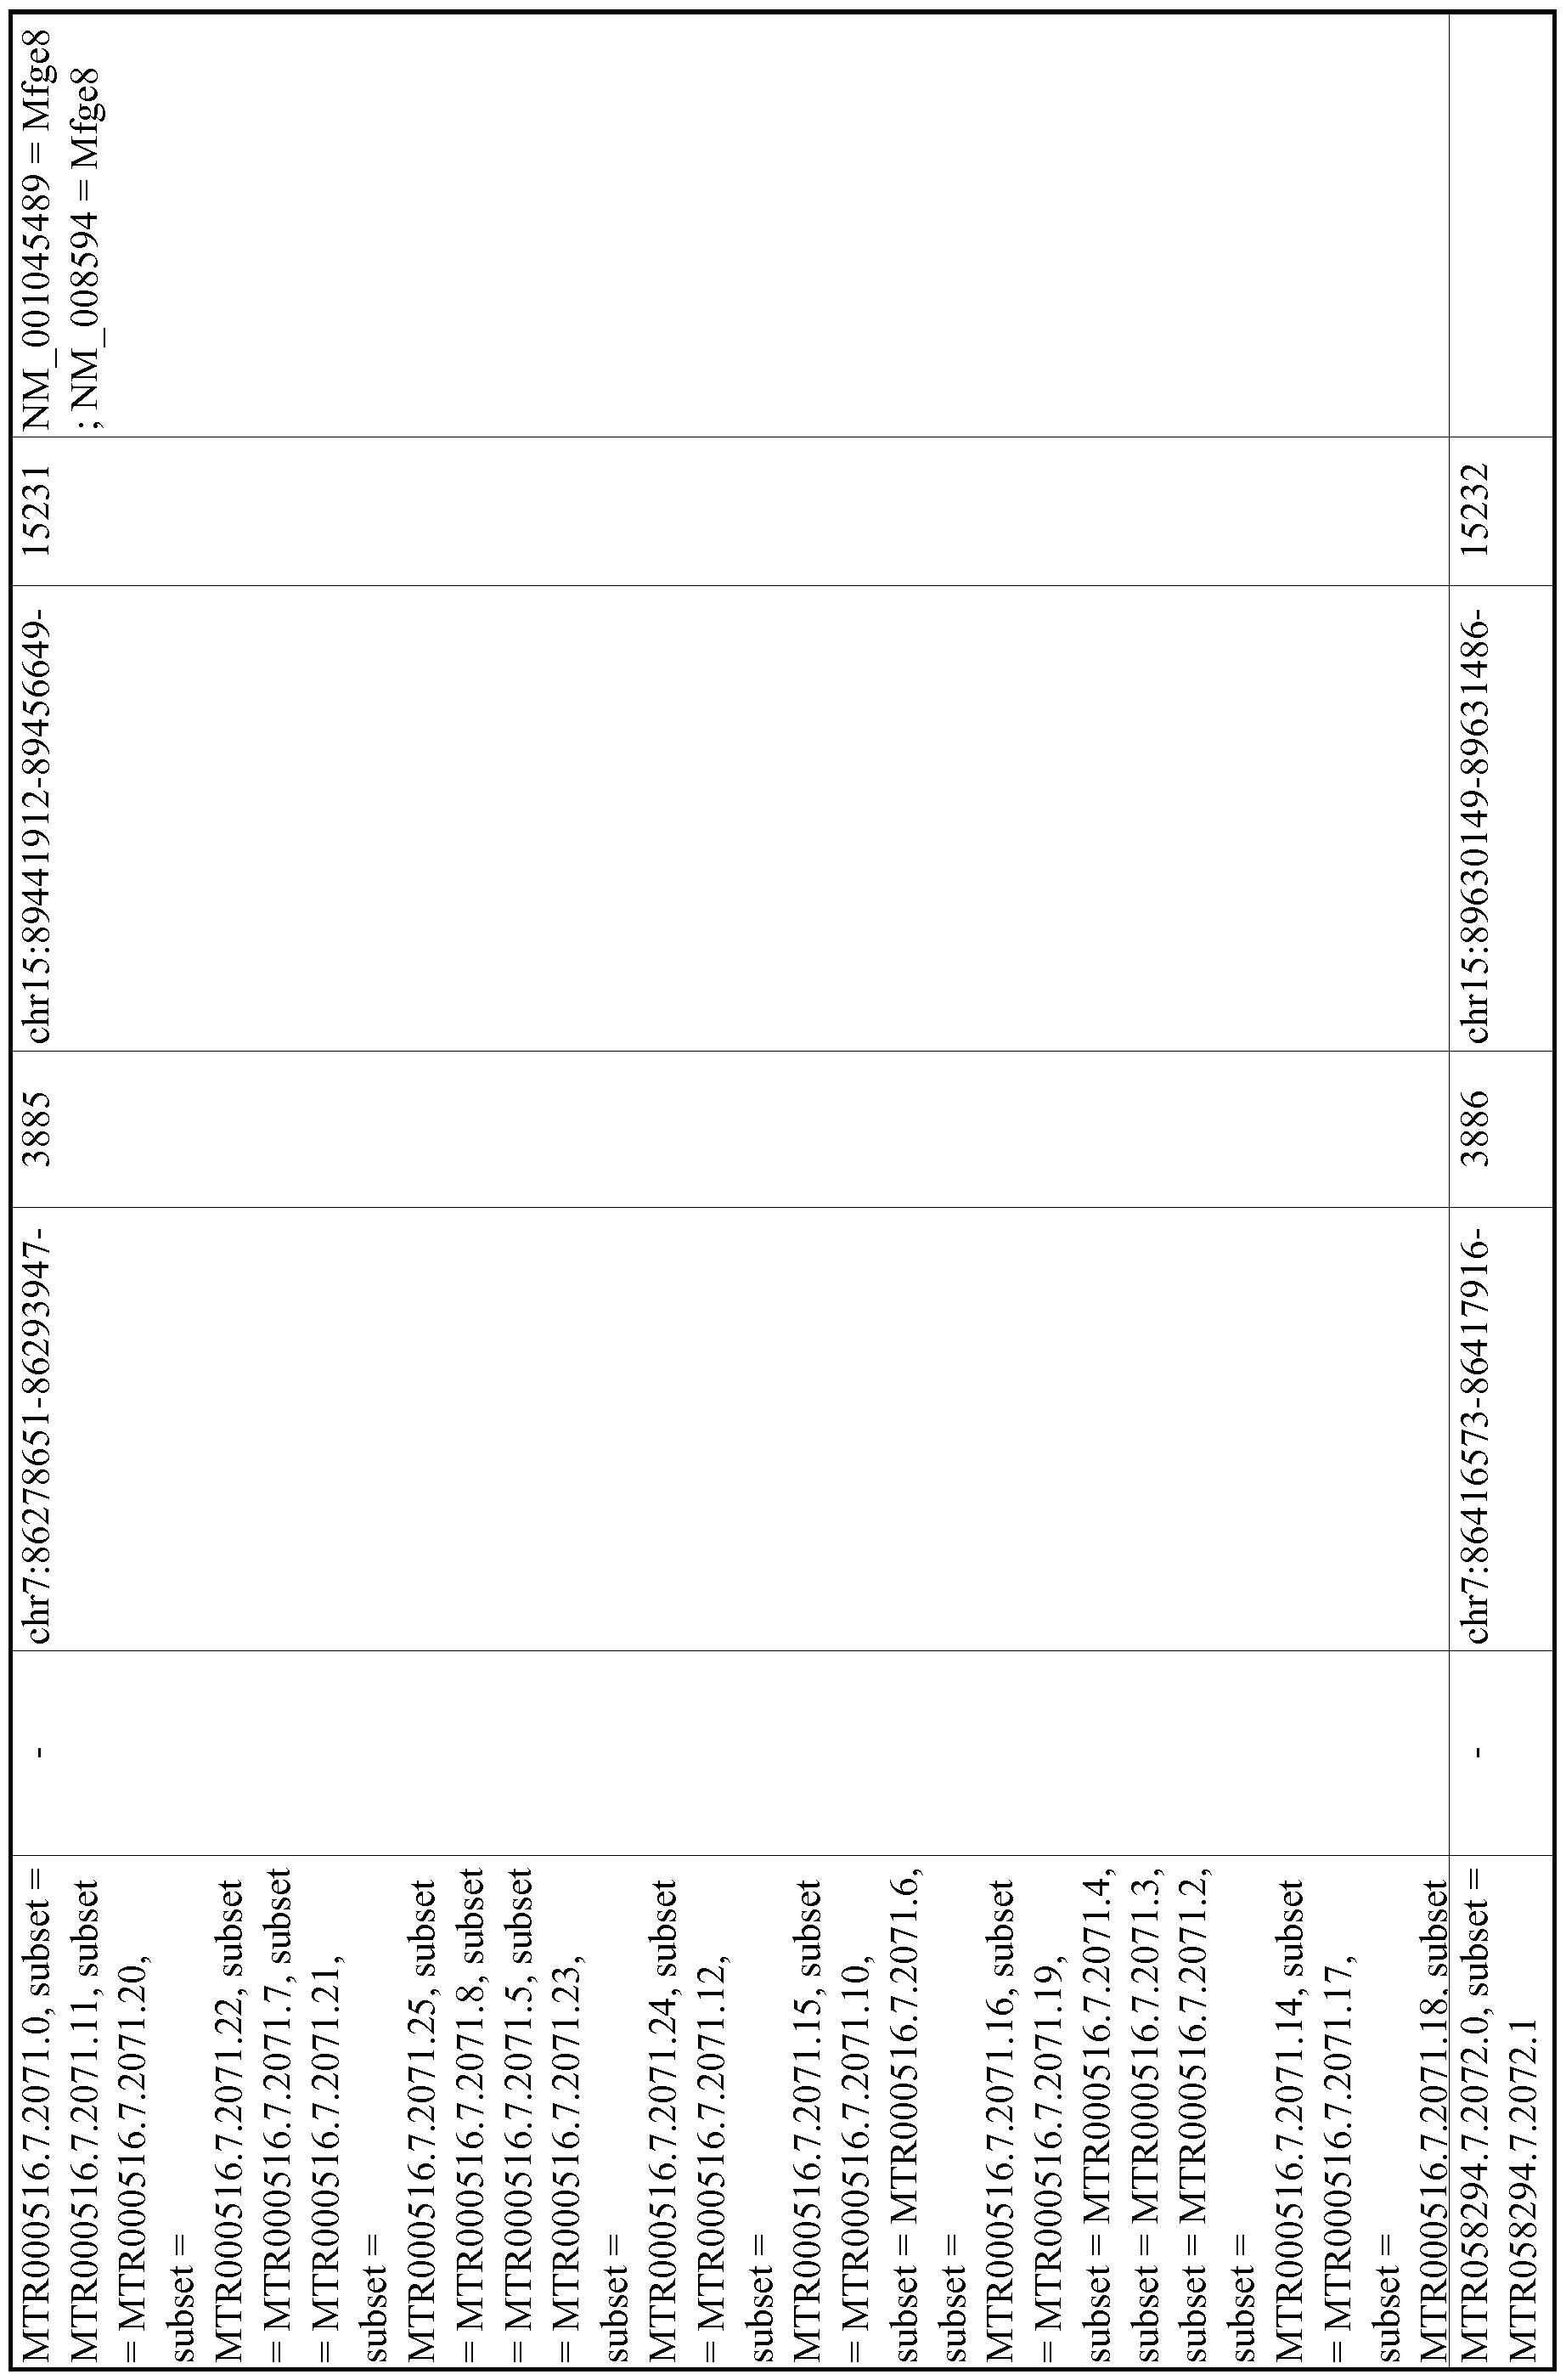 Figure imgf000744_0001